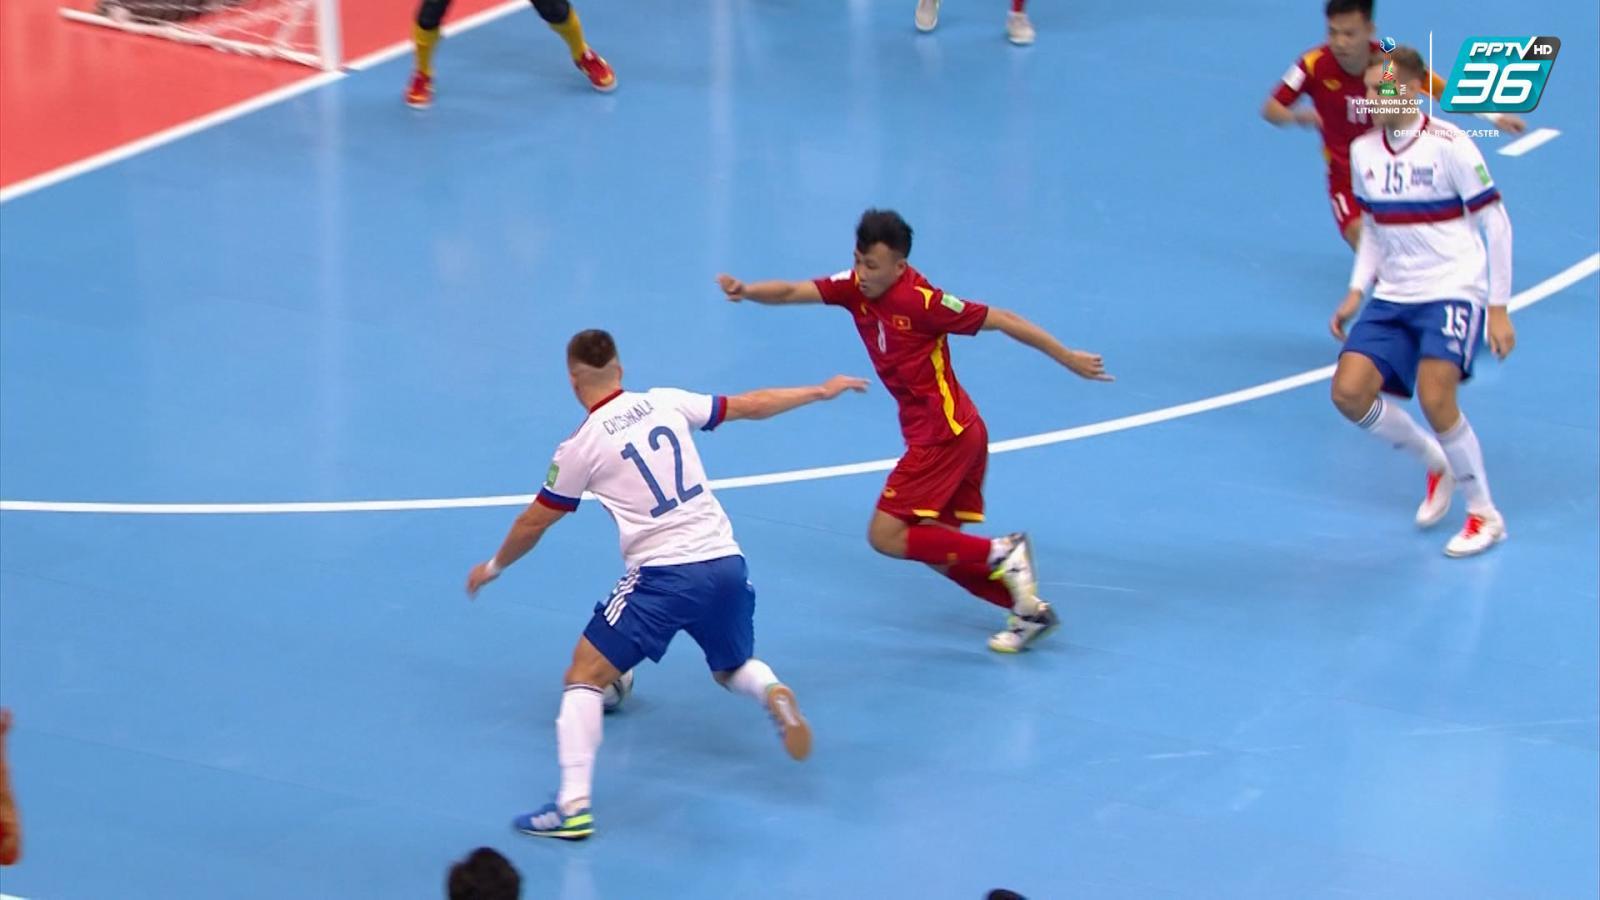 ไฮไลท์ฟุตซอล | ฟีฟ่า ฟุตซอล เวิลด์ คัพ 2021 | รัสเซีย 3-2 เวียดนาม | 22 ก.ย. 64